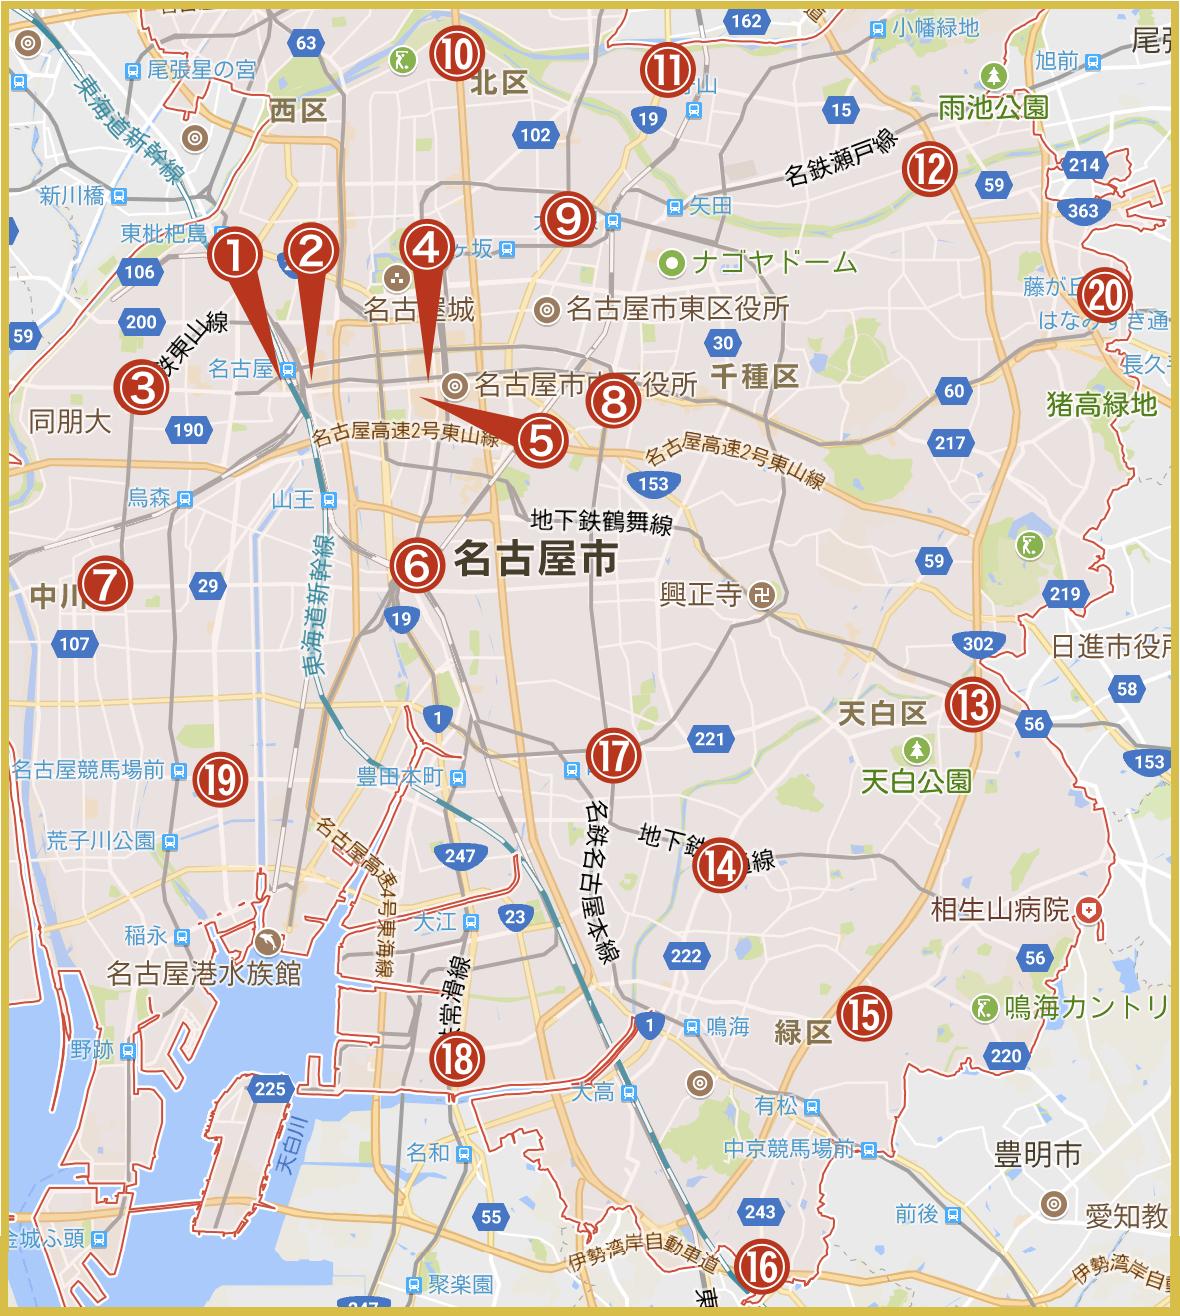 名古屋市にあるアコム店舗・ATMの位置(2020年4月版)